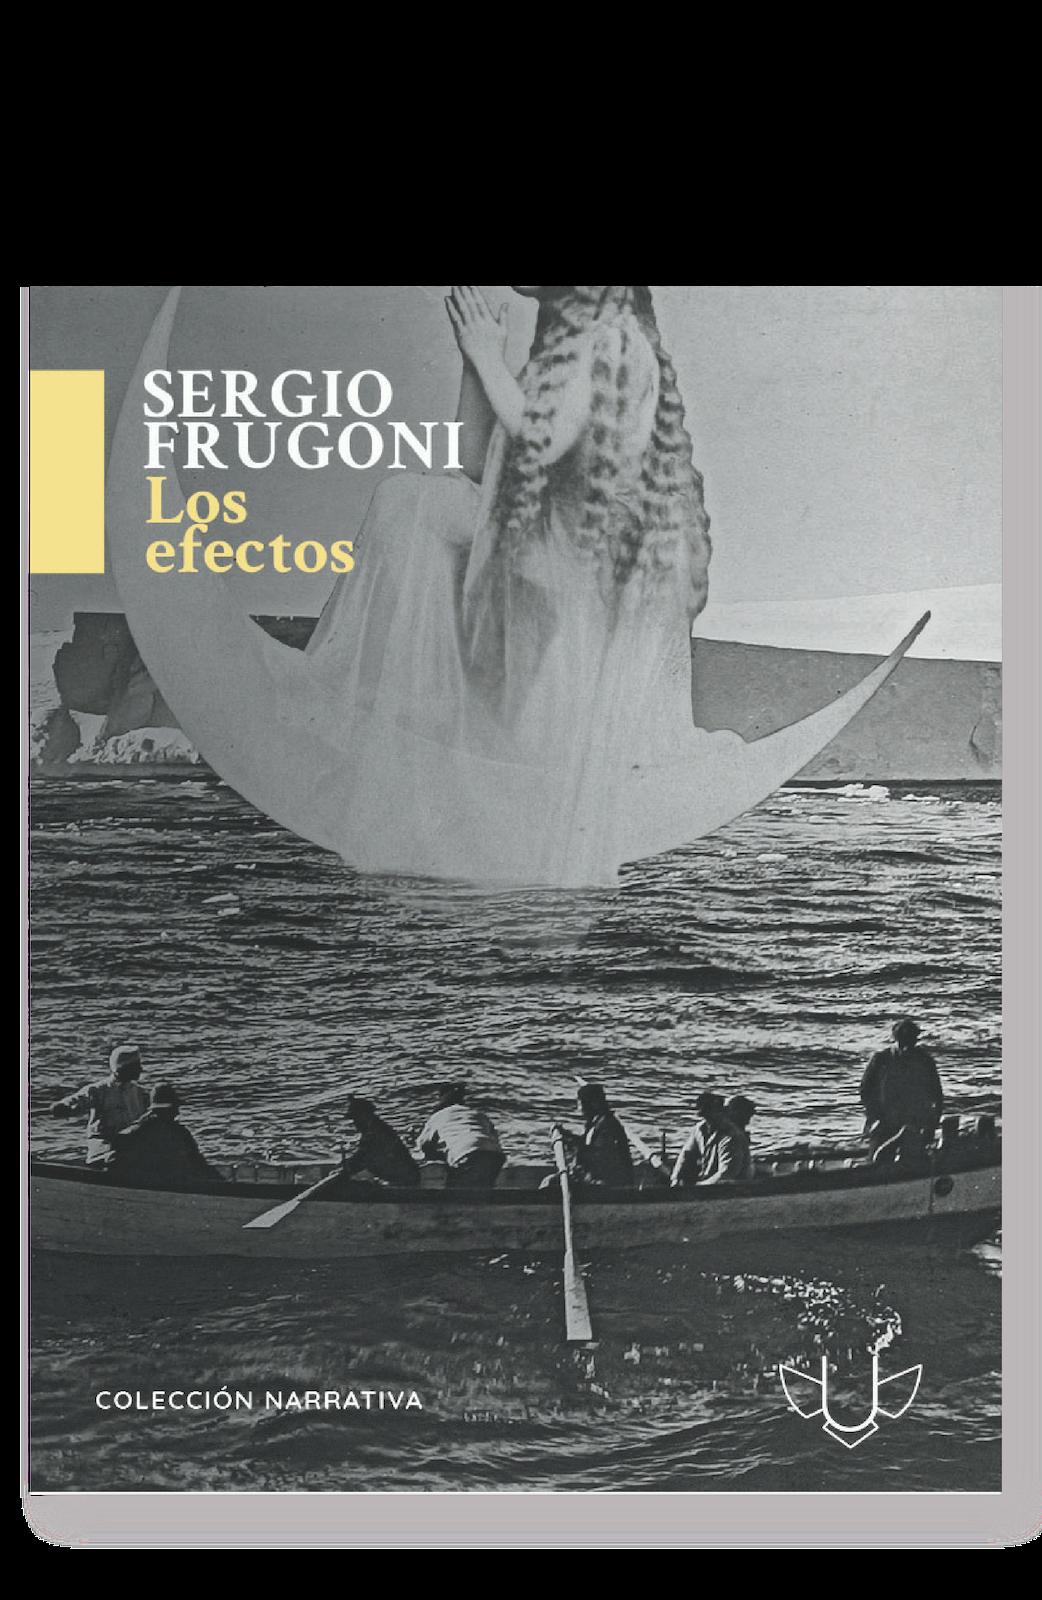 sergio-furgoni-los-efectos.png